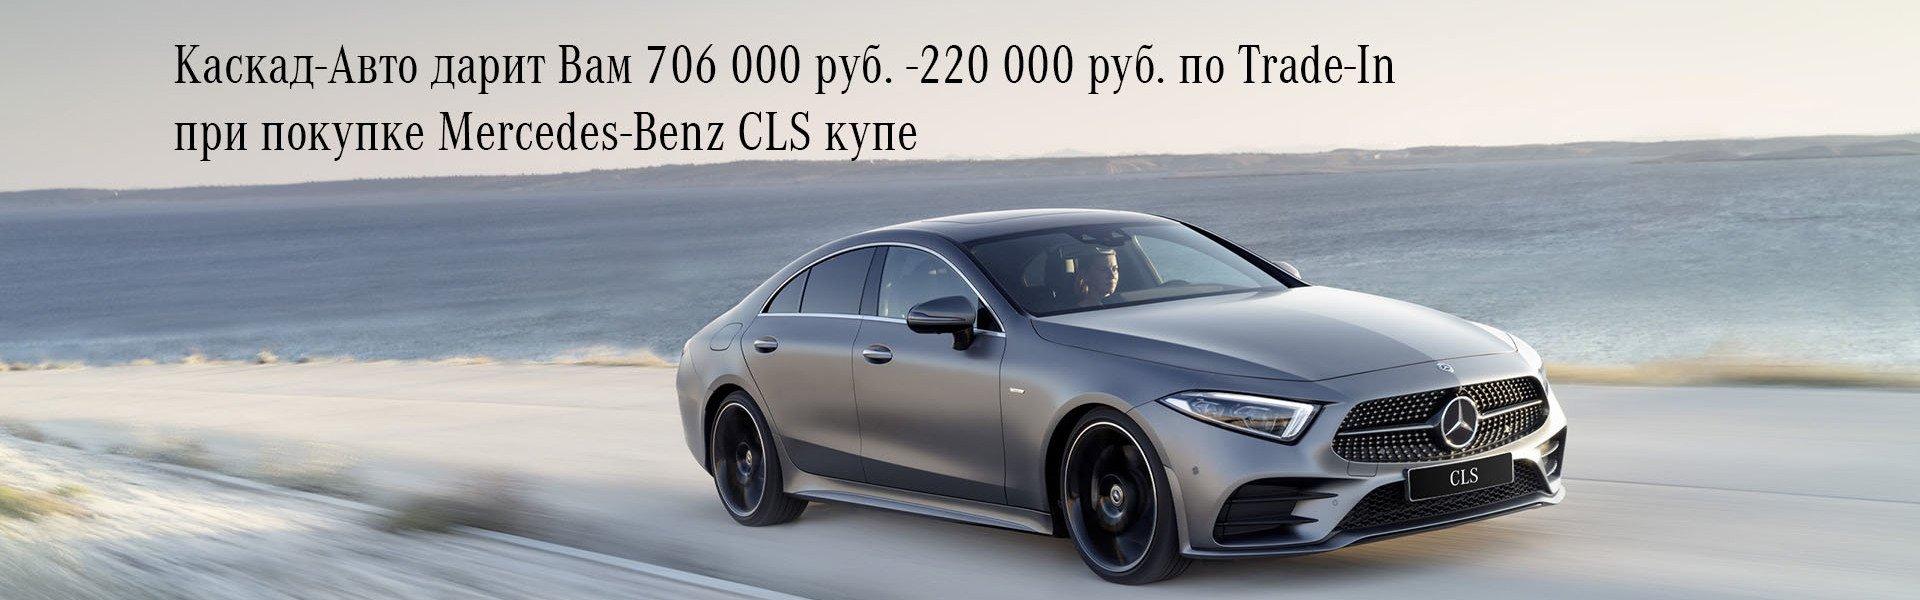 CLS купе